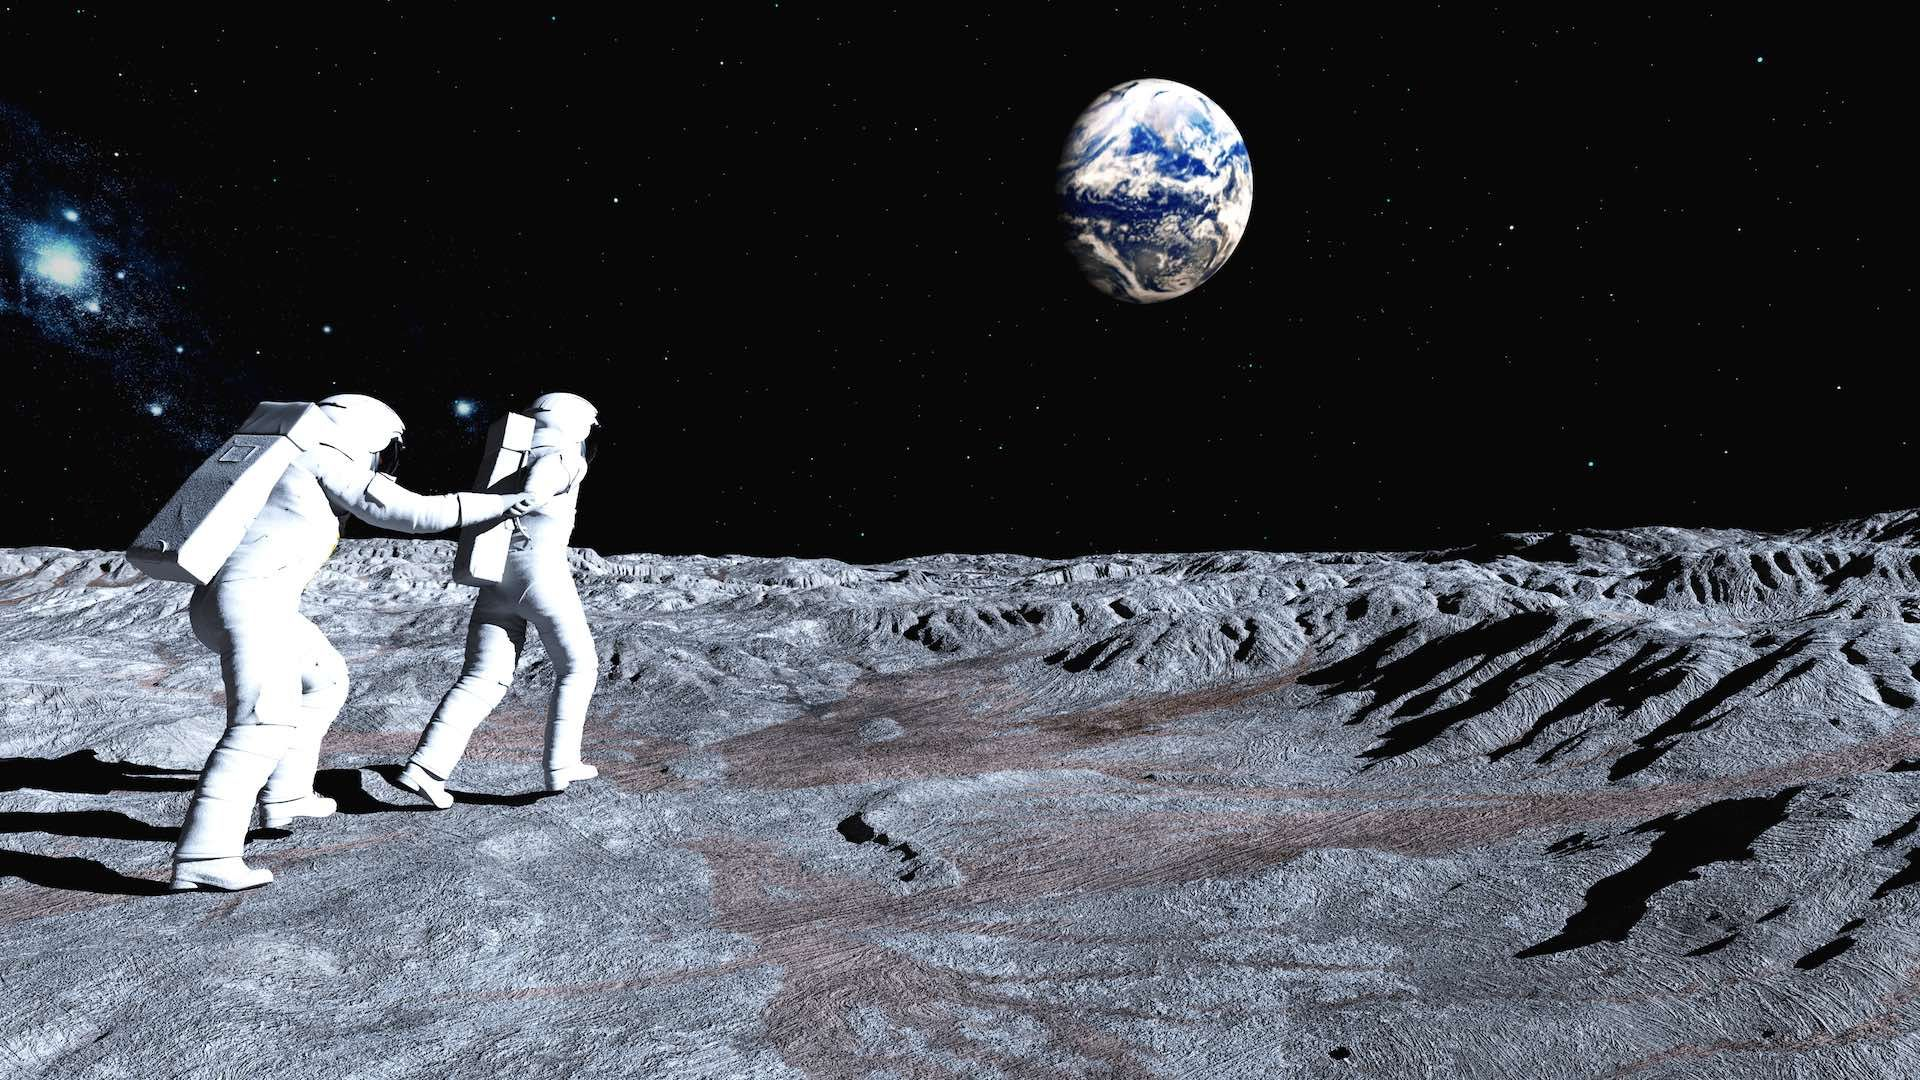 dos-astronautas-caminando-sobre-la-luna.jpg (1920×1080)